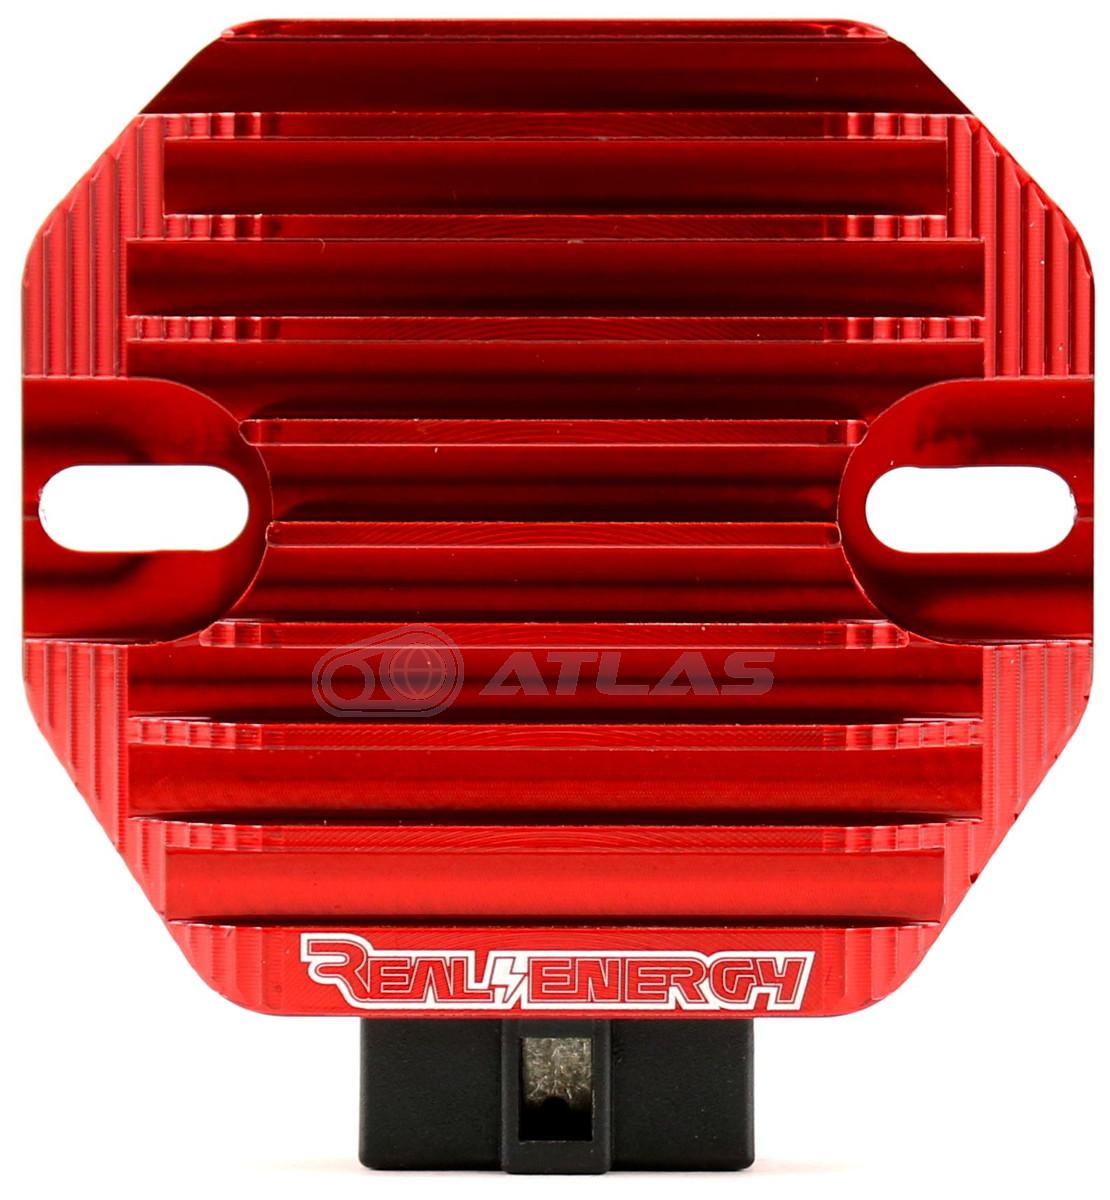 REAL ENERGY 高効率 低温設計 MOSFET+SCR ツインサーキット S5+強化レギュレーター 30A